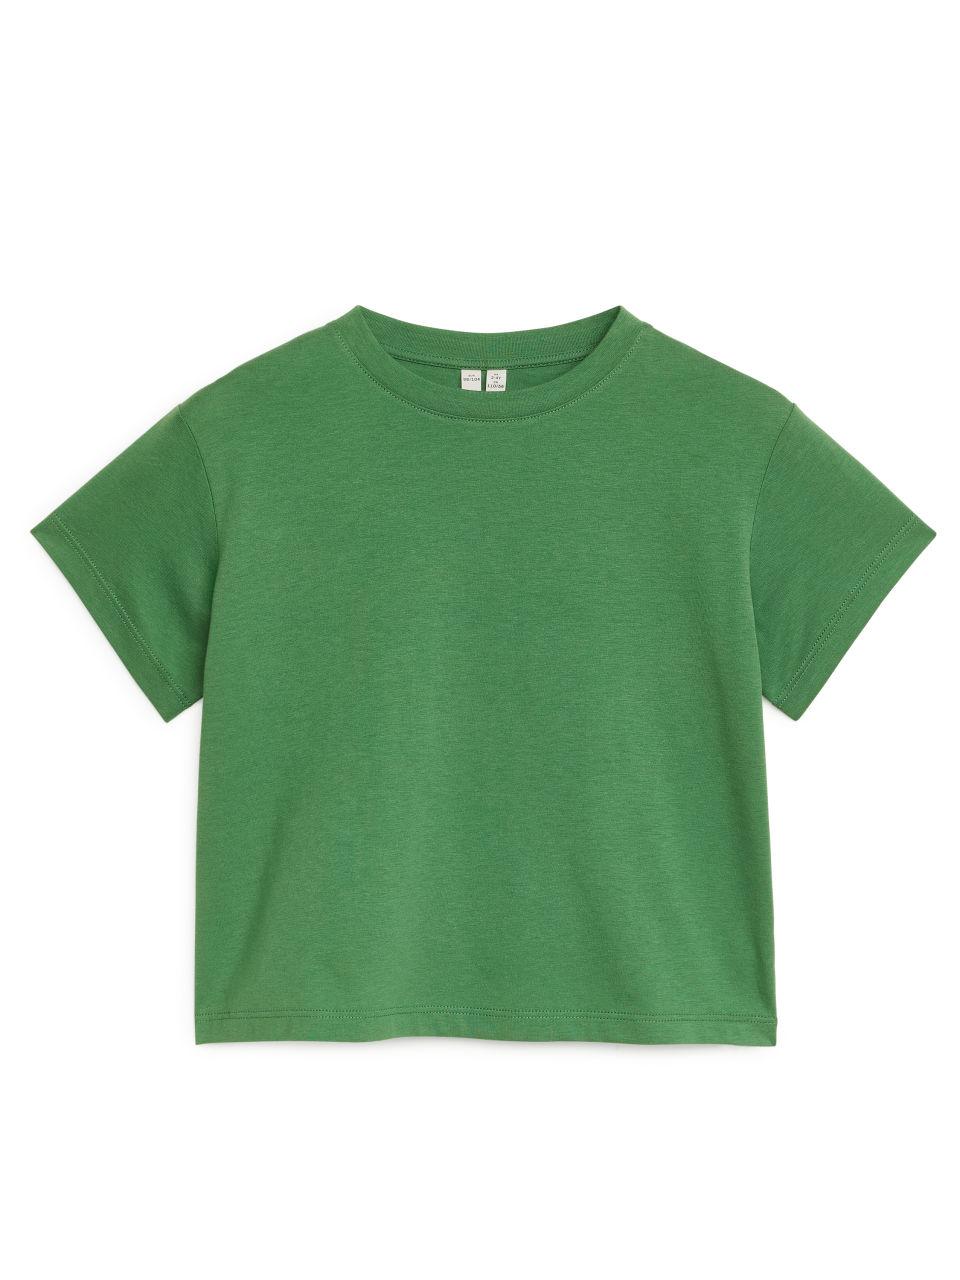 Relaxed T-Shirt - Green